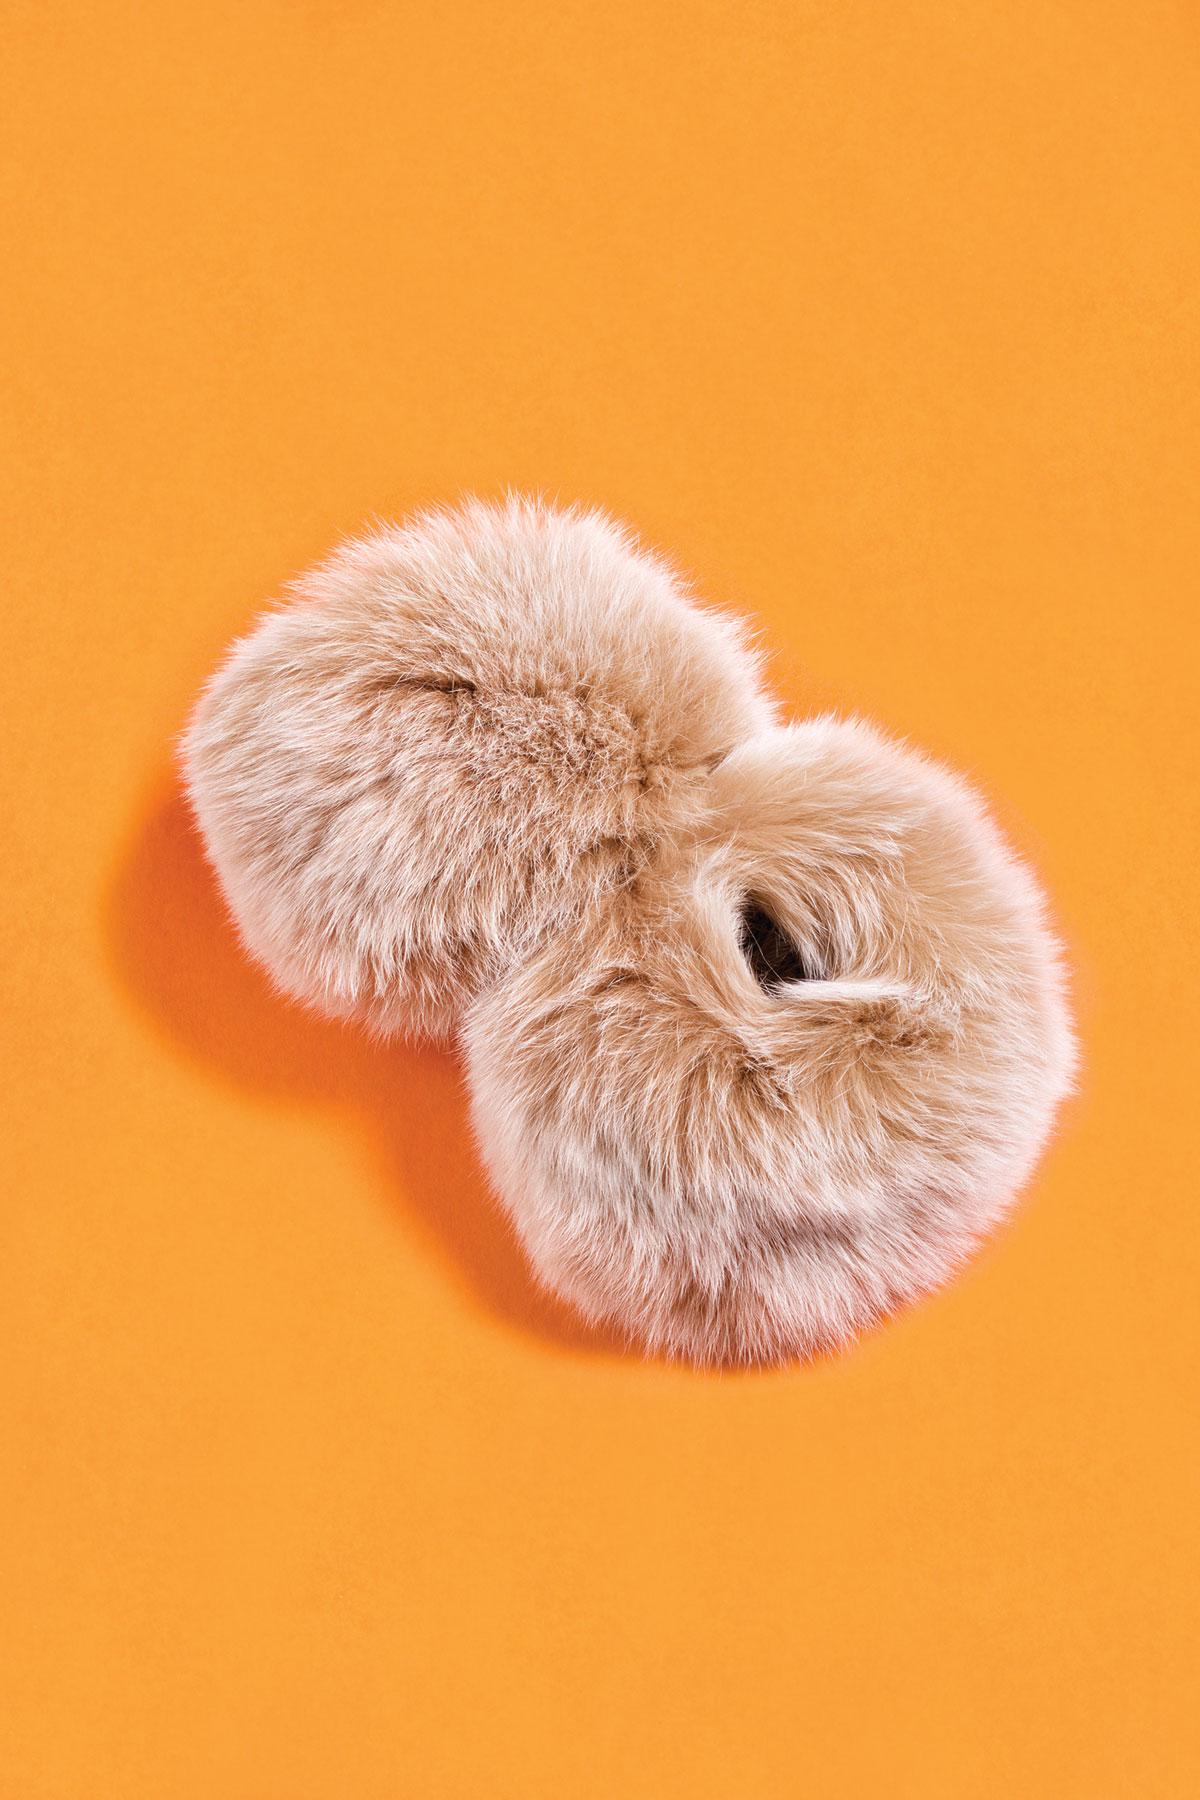 m08-accessoires-poignets-de-fourrure-fur-cuff-ogilvy